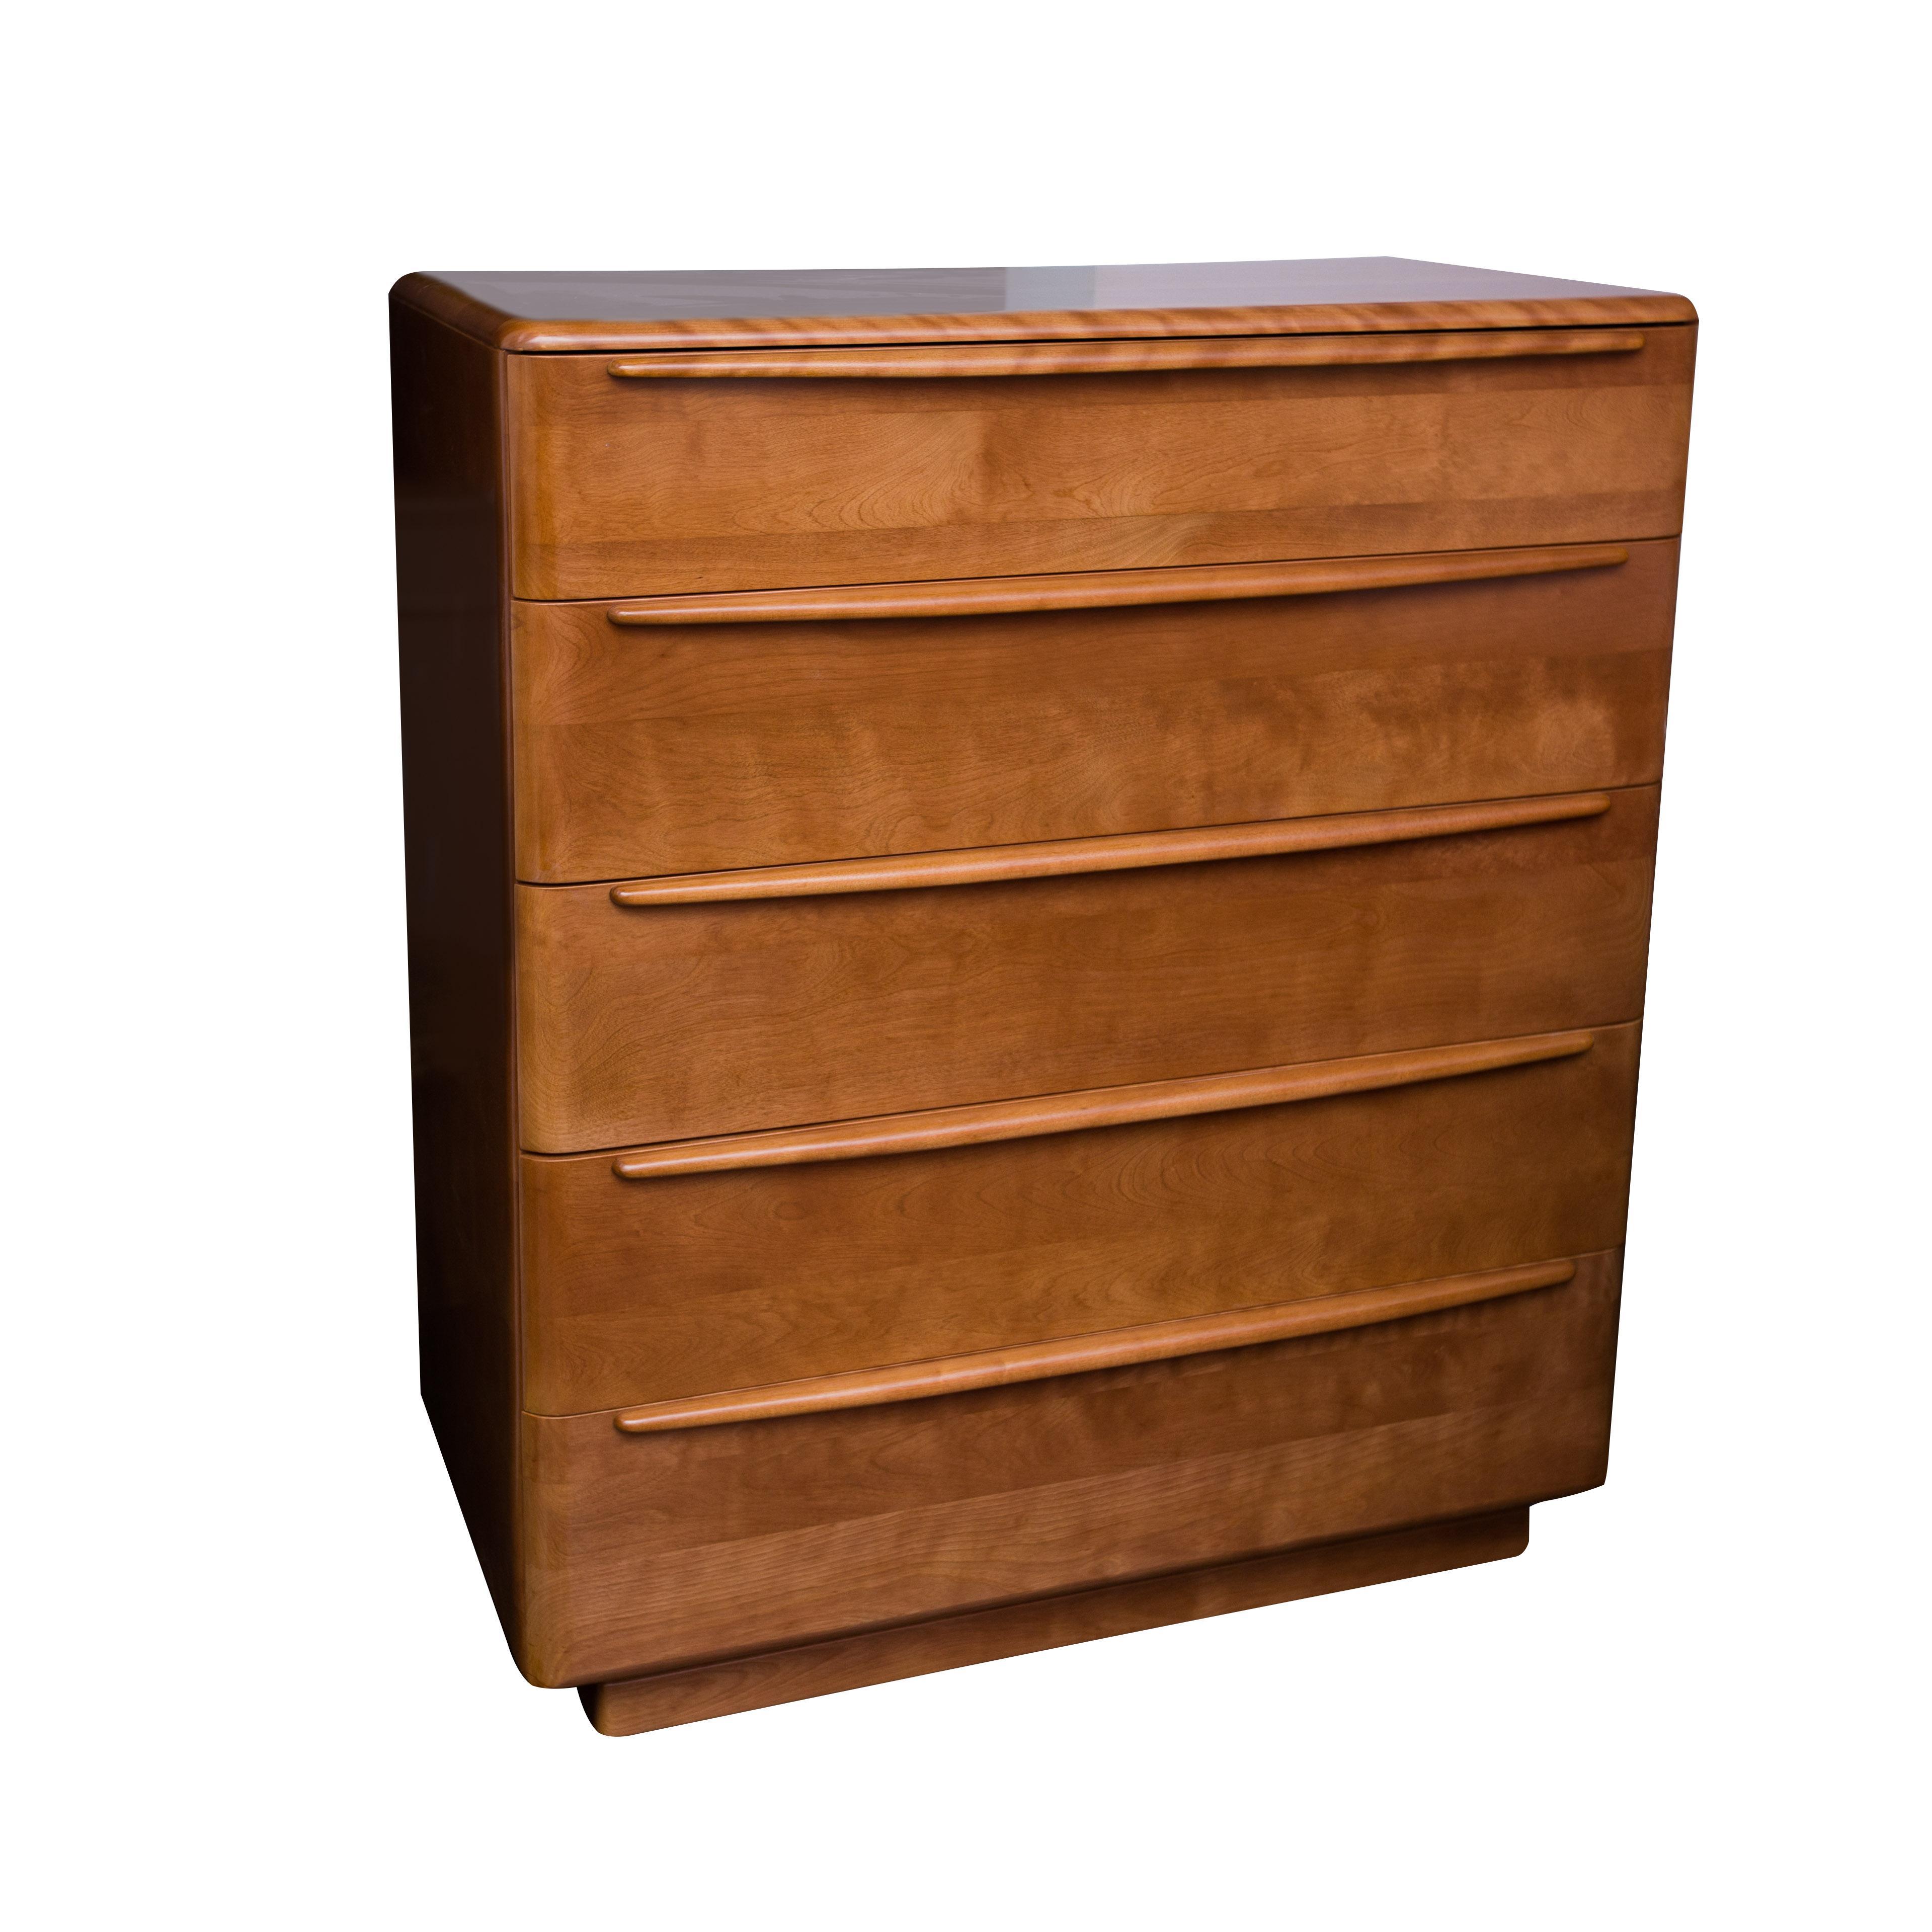 Heywood Wakefield Walnut Finish Tall Dresser Chairish